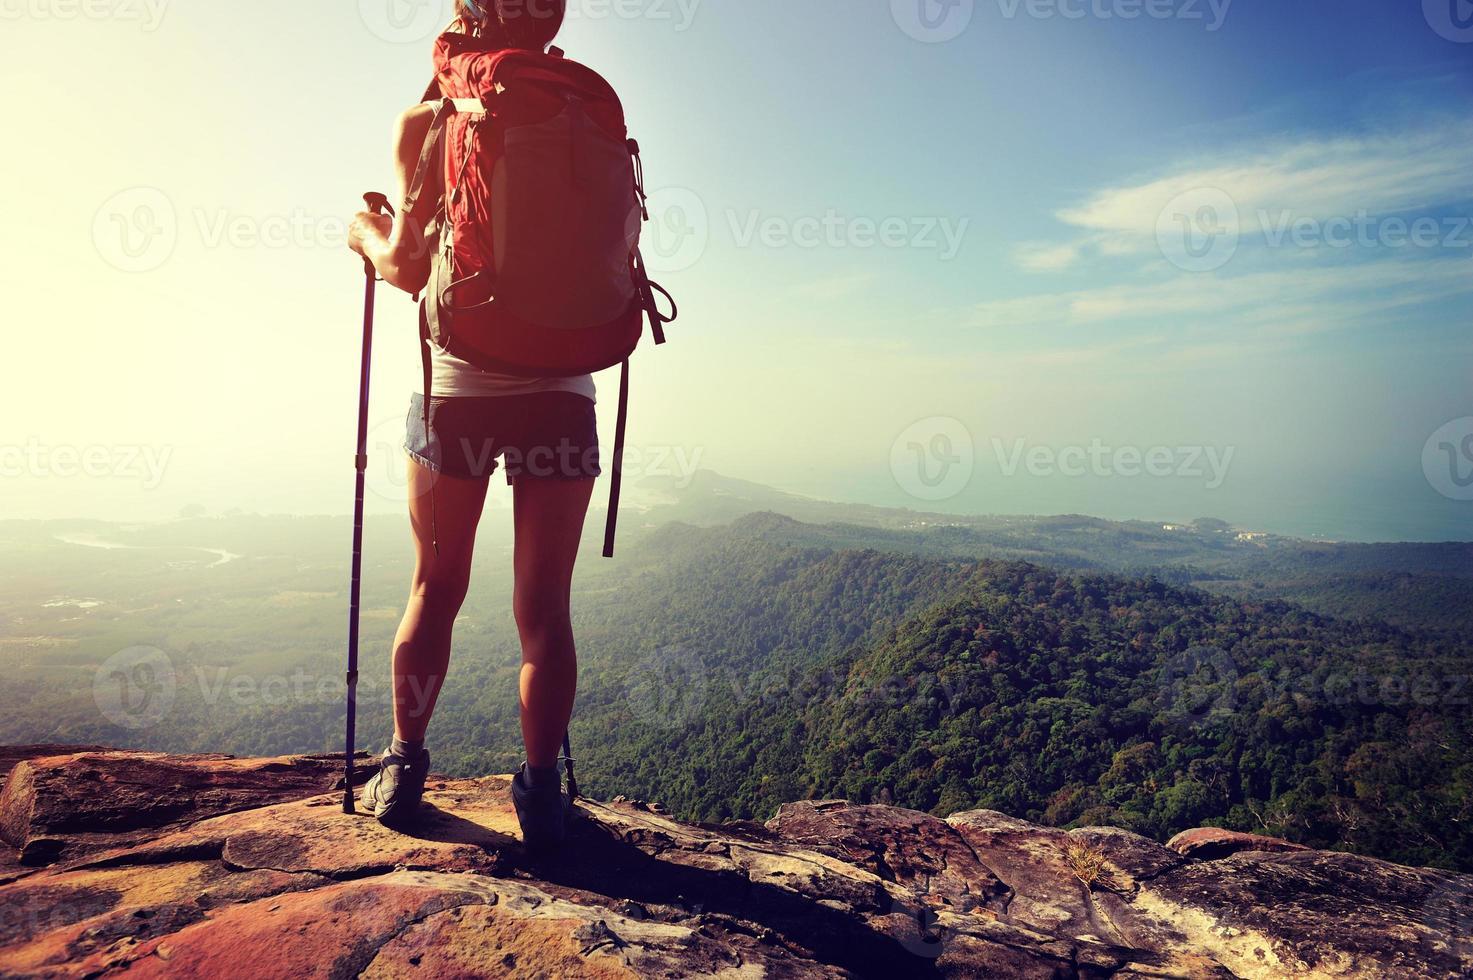 Randonneur femme profiter de la vue sur la falaise de pic de montagne photo